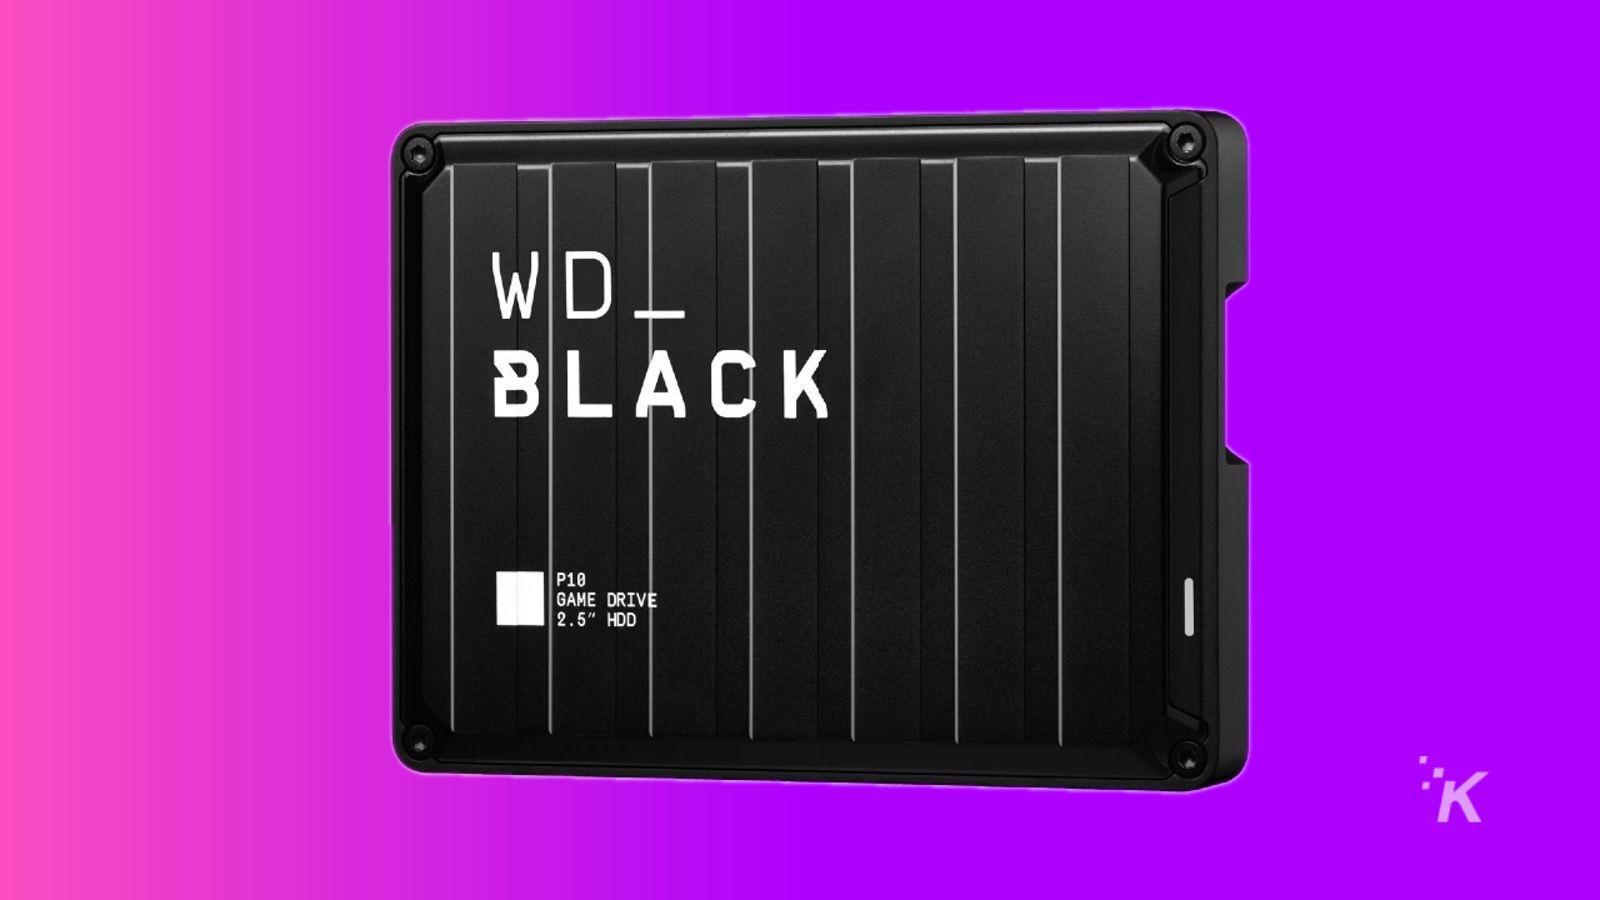 wd black external 5tb hard drive